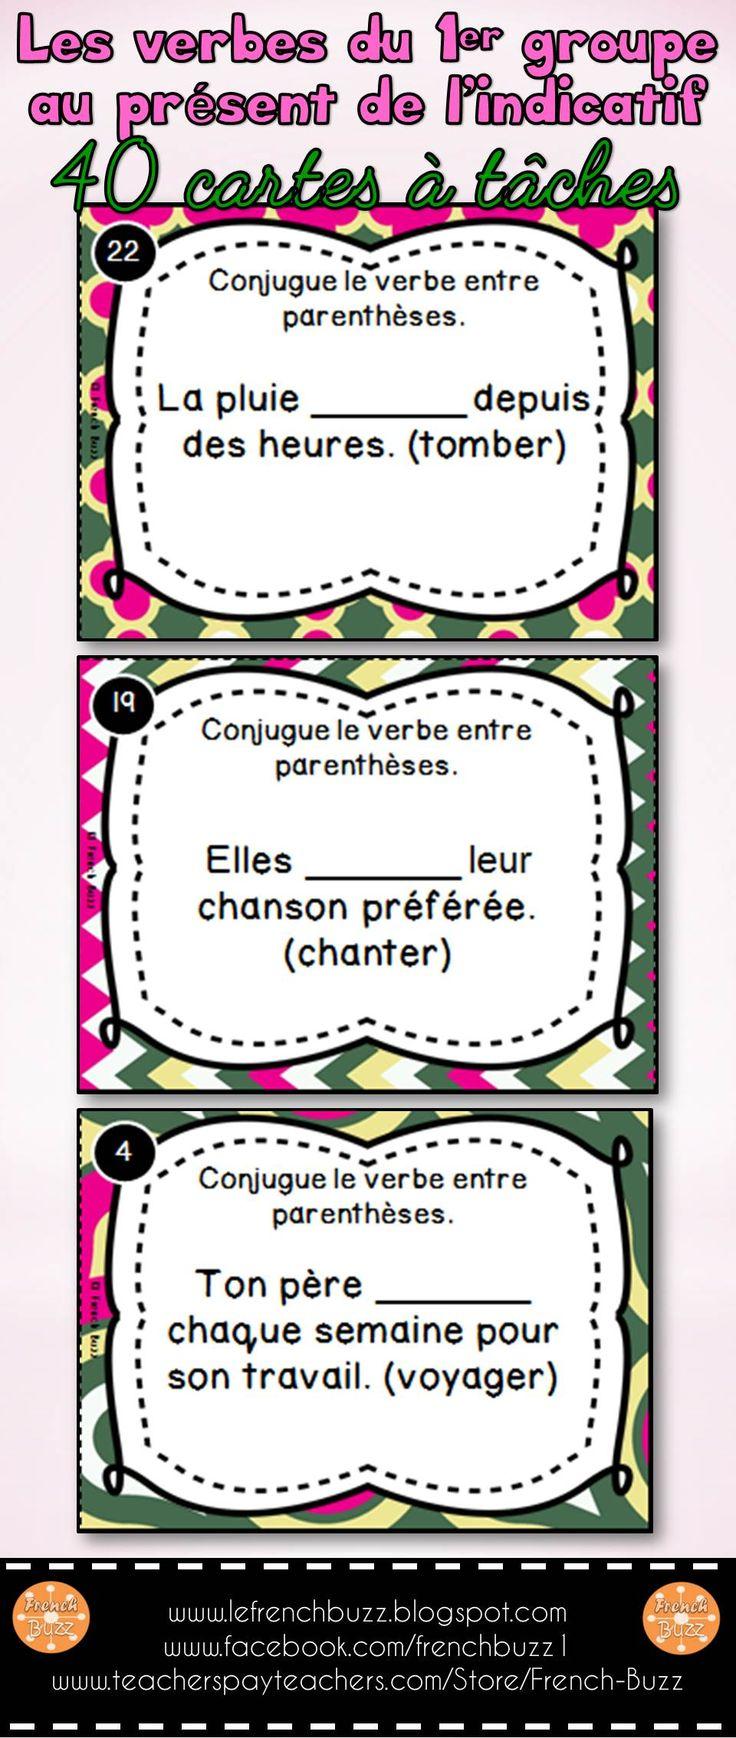 """Les verbes du premier groupe (en """"er"""") - 40 cartes à tâches pour pratiquer la conjugaison des verbes en """"er"""" au présent de l'indicatif."""